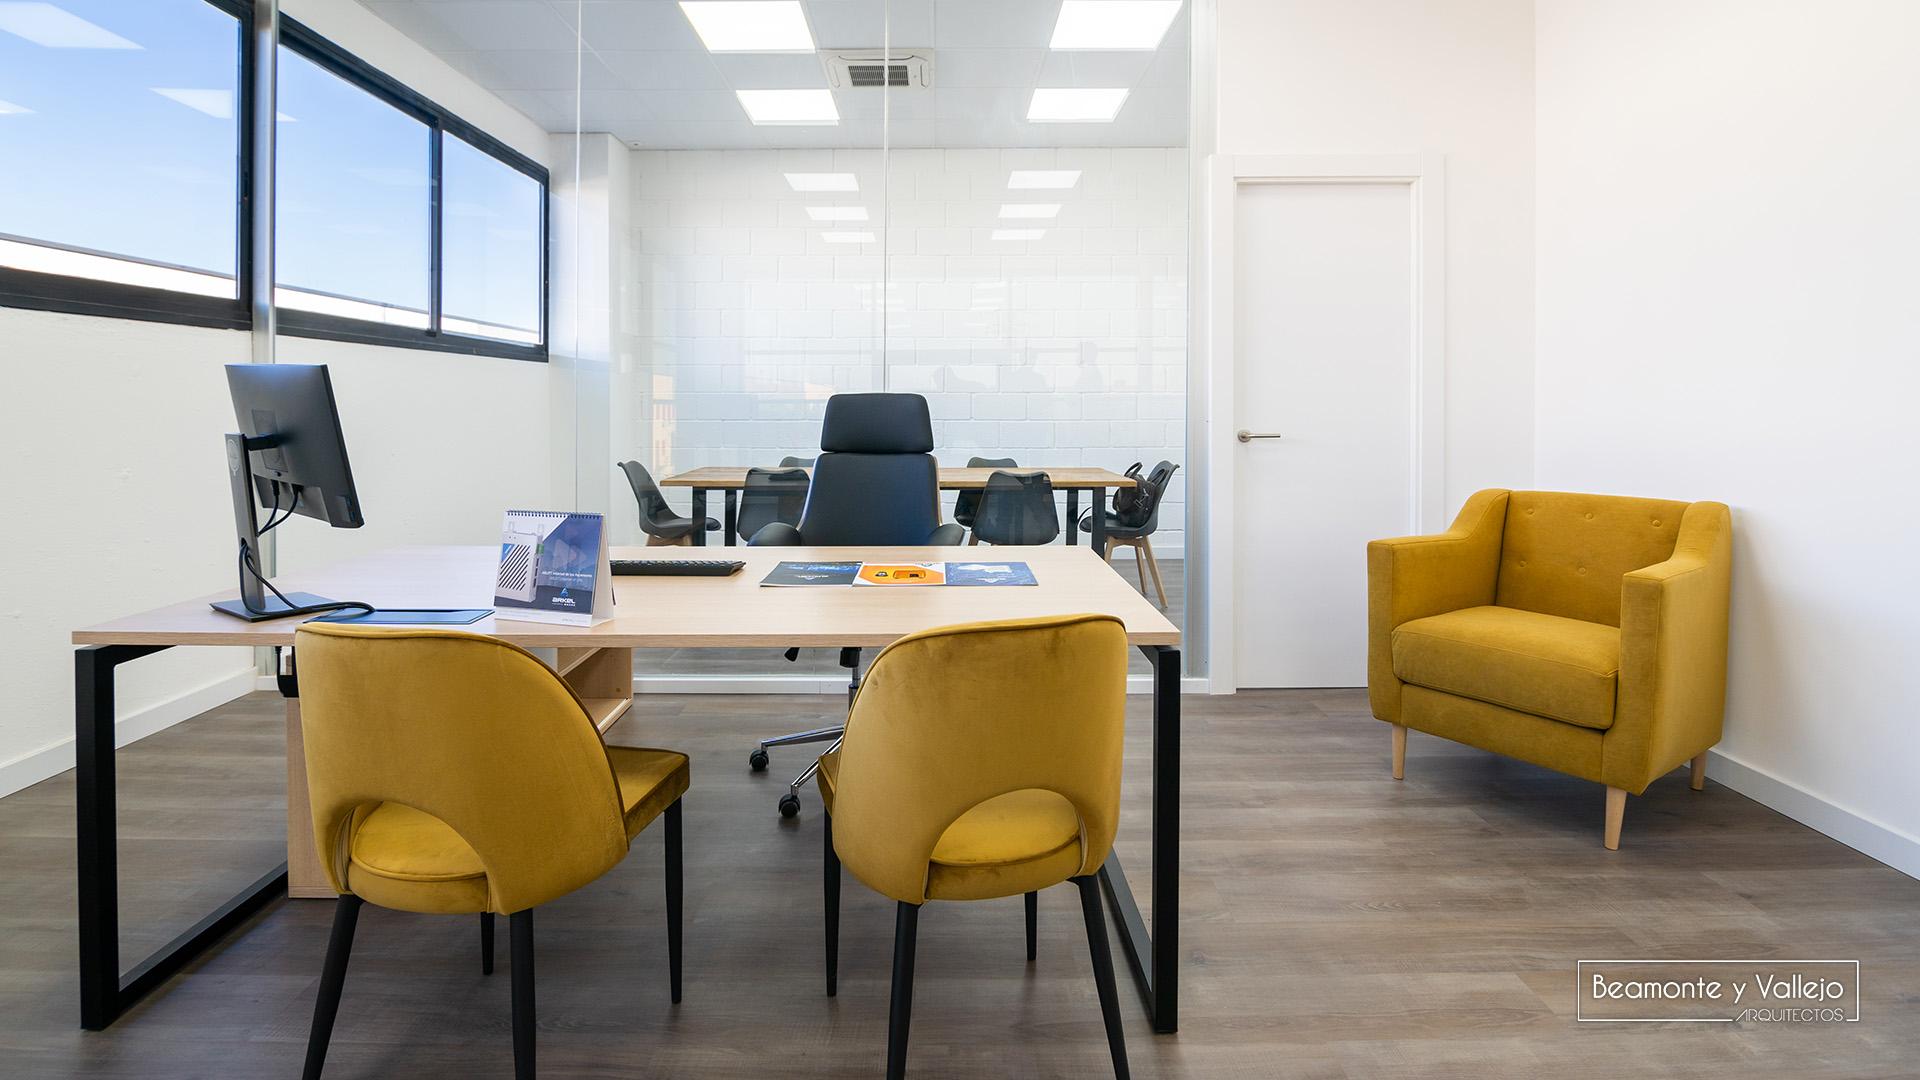 Beamonte y Vallejo arquitectos - Oficinas Arkel - 5